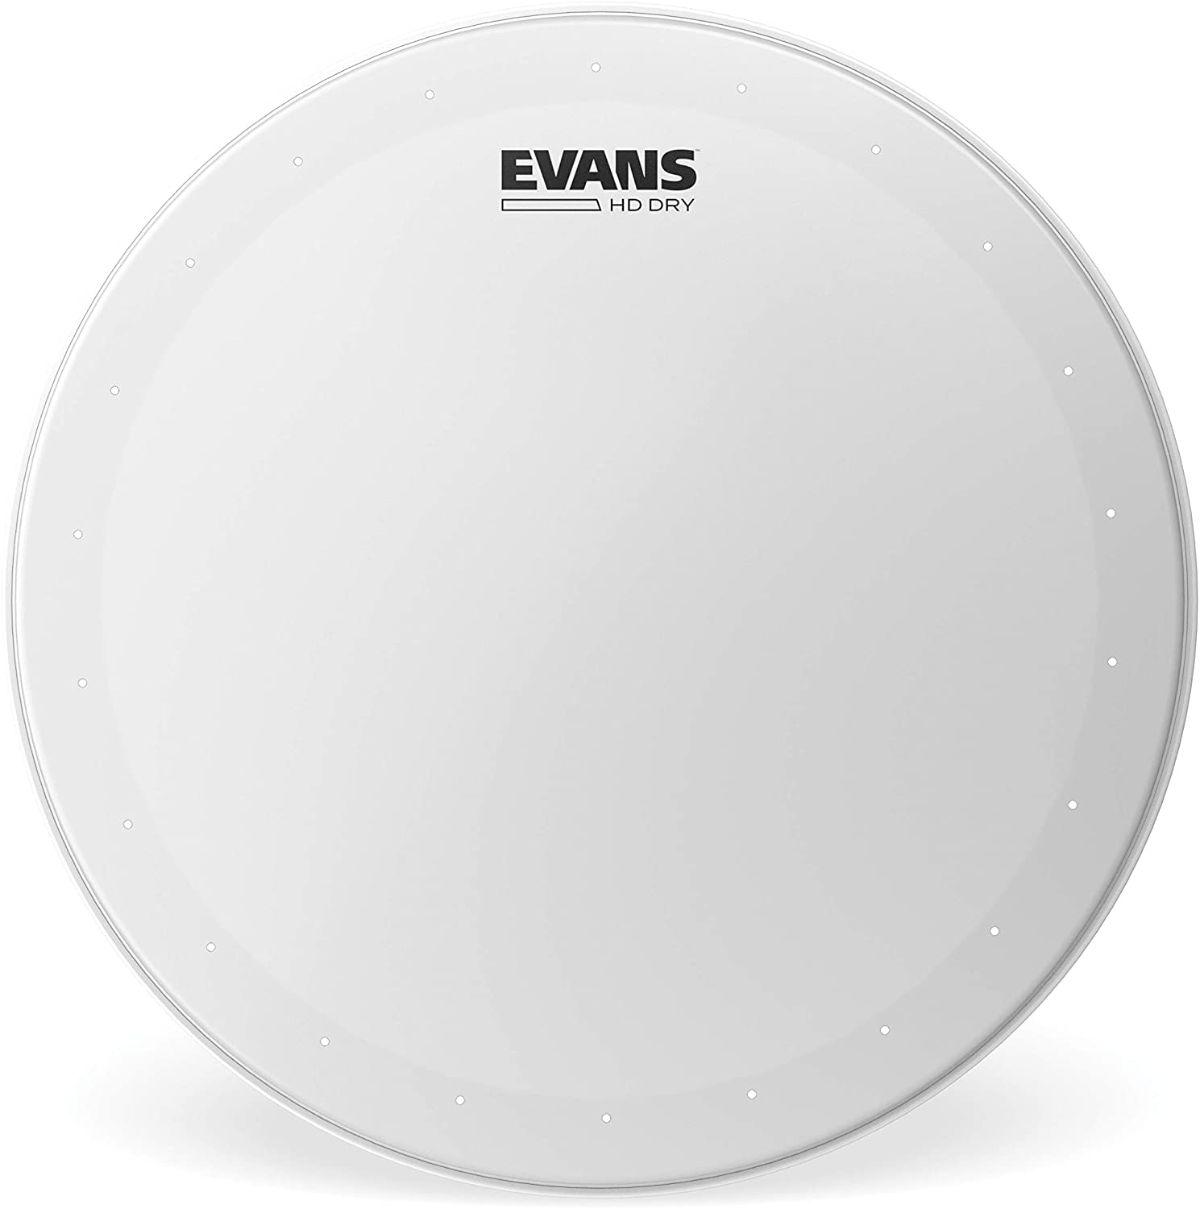 Evans HD Dry Snare Drum Head